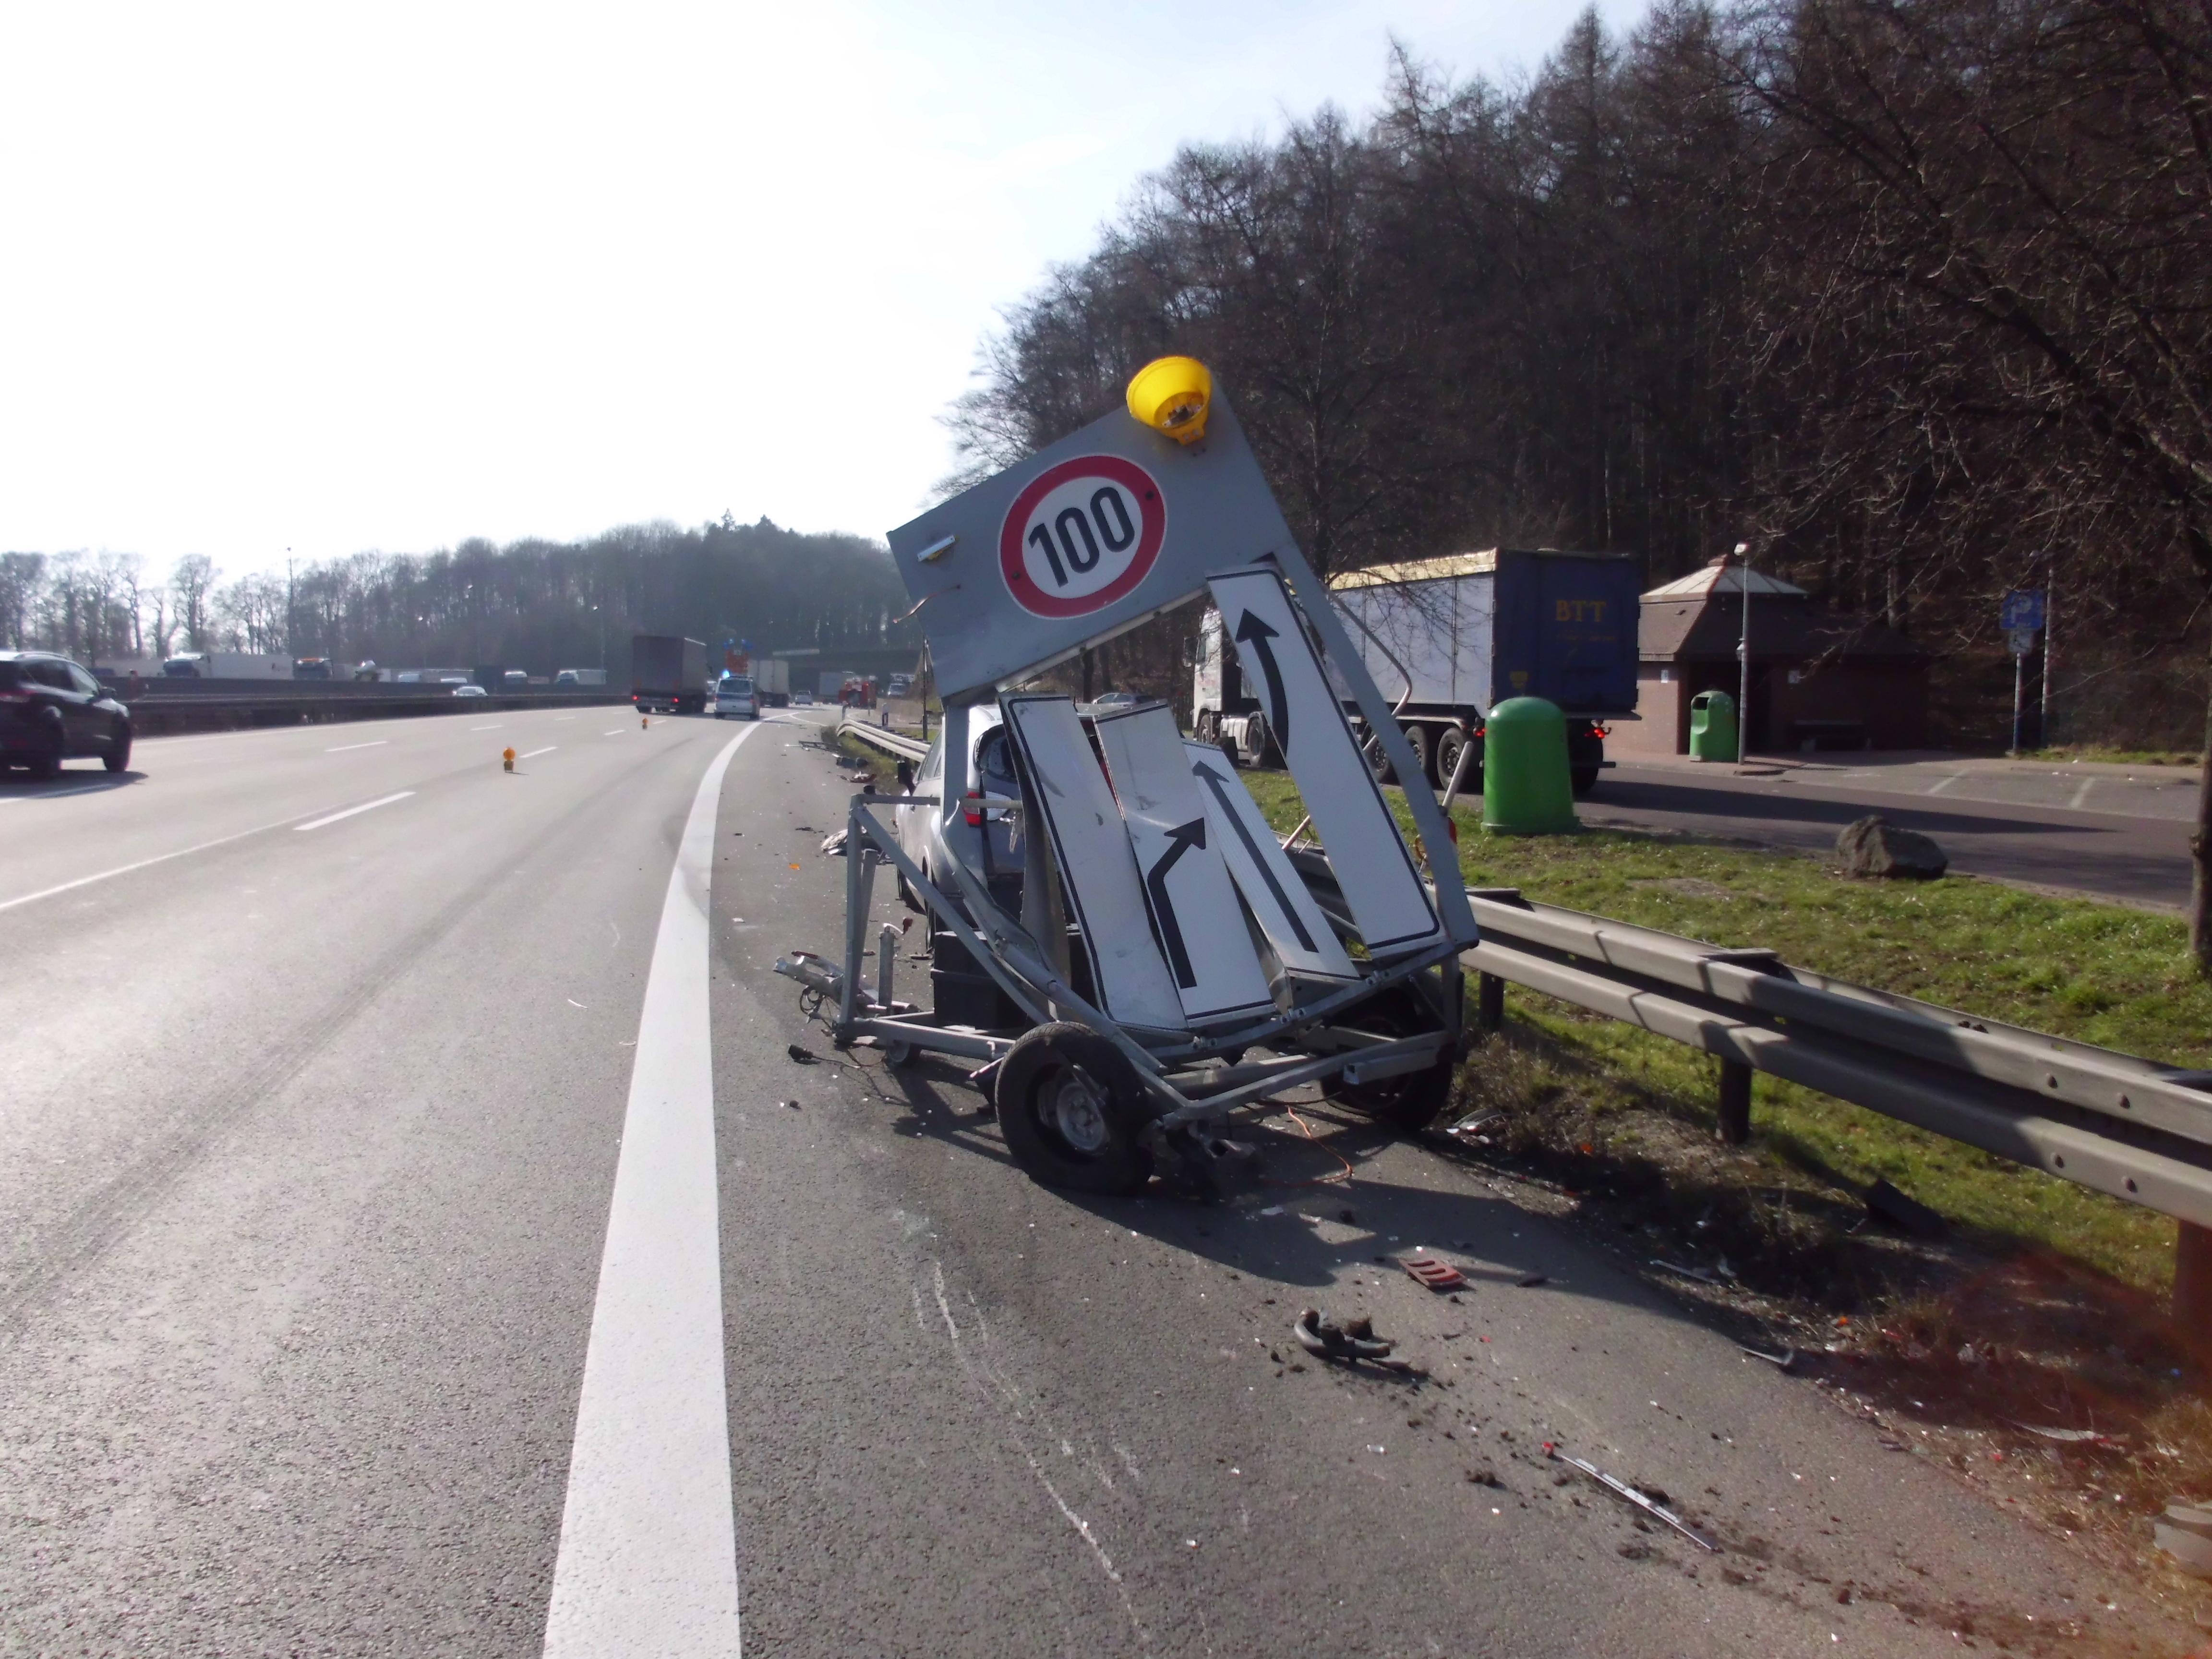 Verkehrsunfall mit auslaufenden Betriebsstoffen auf der BAB 2 in Richtung Dortmund